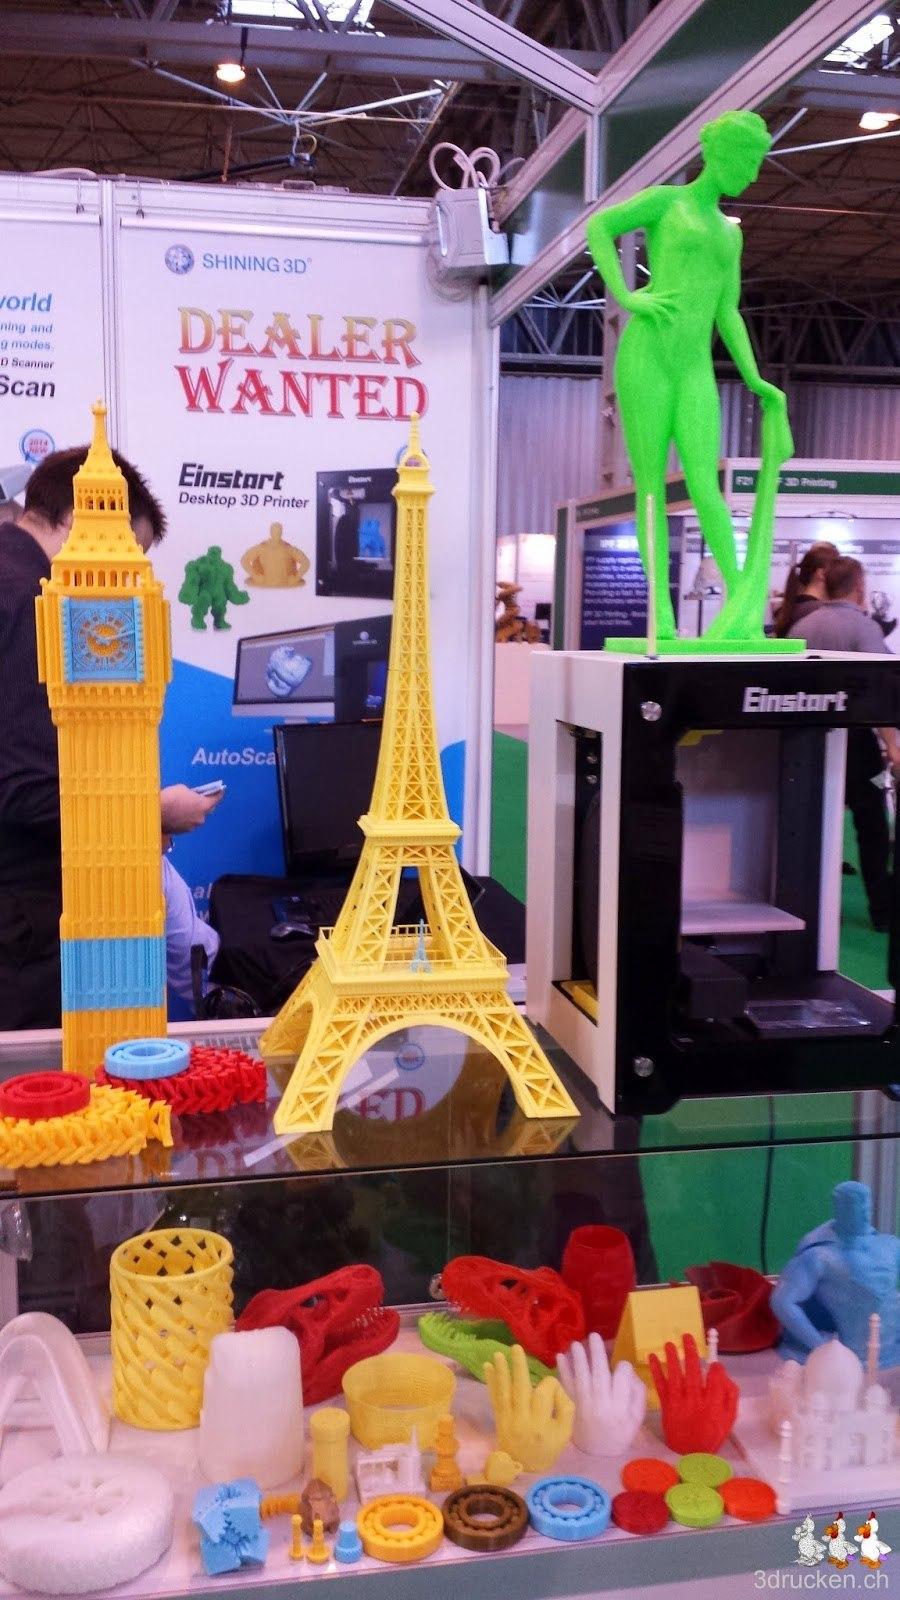 Foto vom Stand von Shining 3D Tech mit vielen Ausstellungsmodellen, alle ohne Quellenangabe